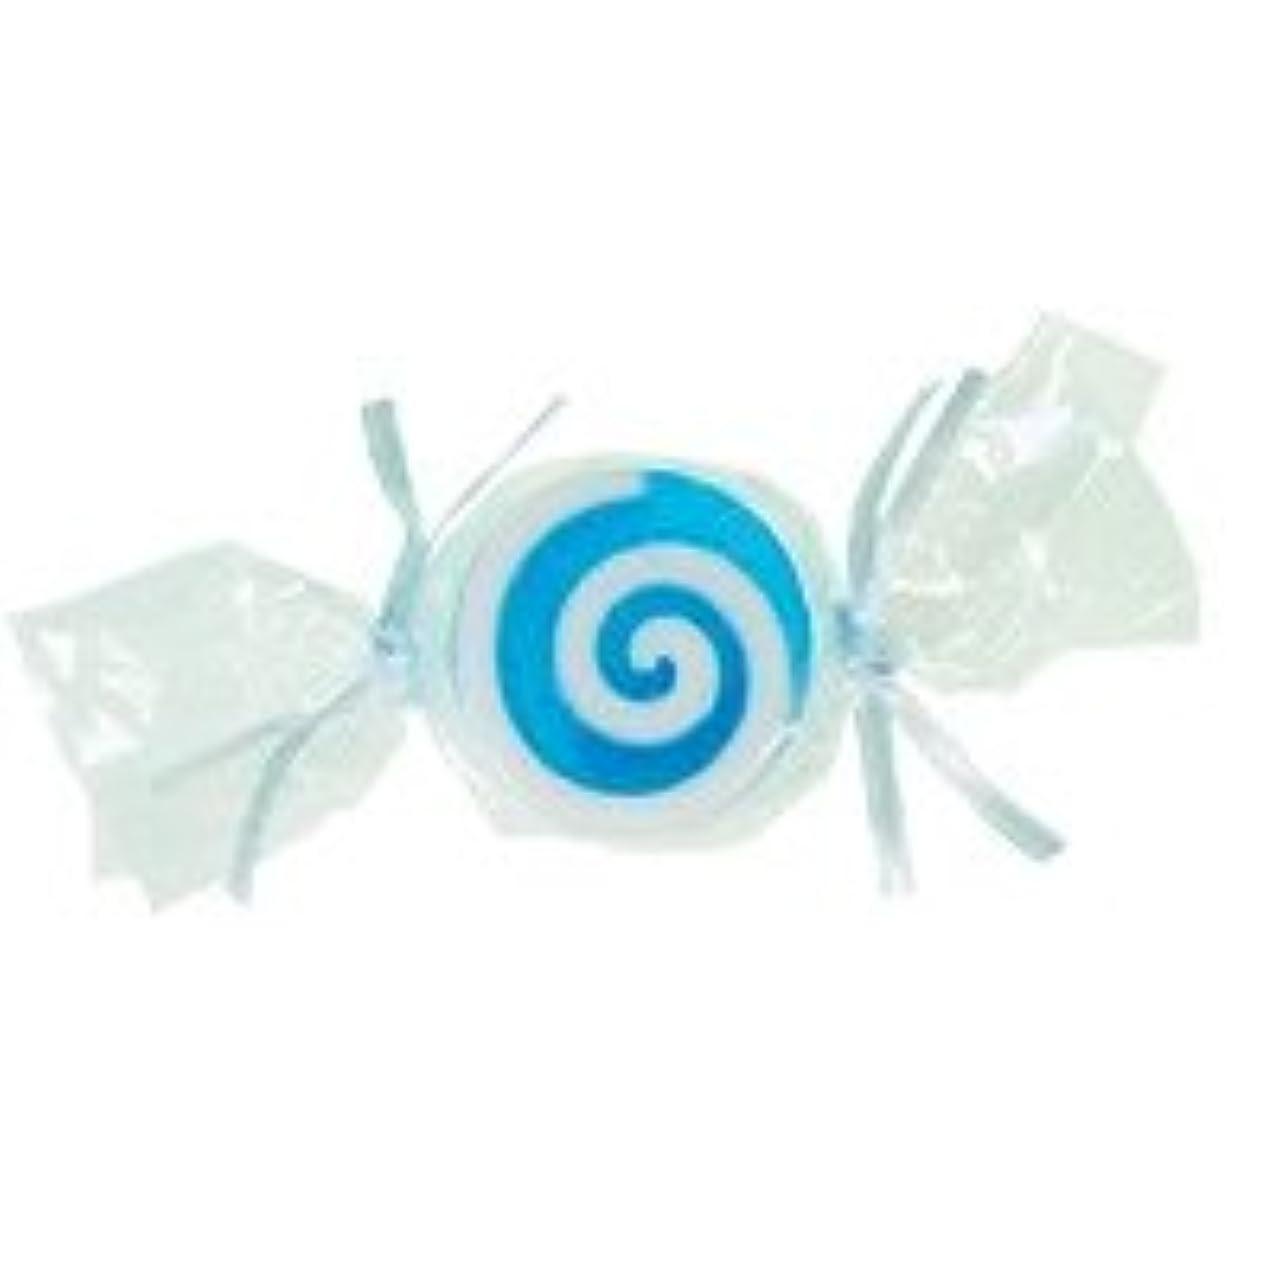 書き出す防腐剤違法ベジタブルソープ キャンディ「ブルー」20個セット ハニーメロンの香り